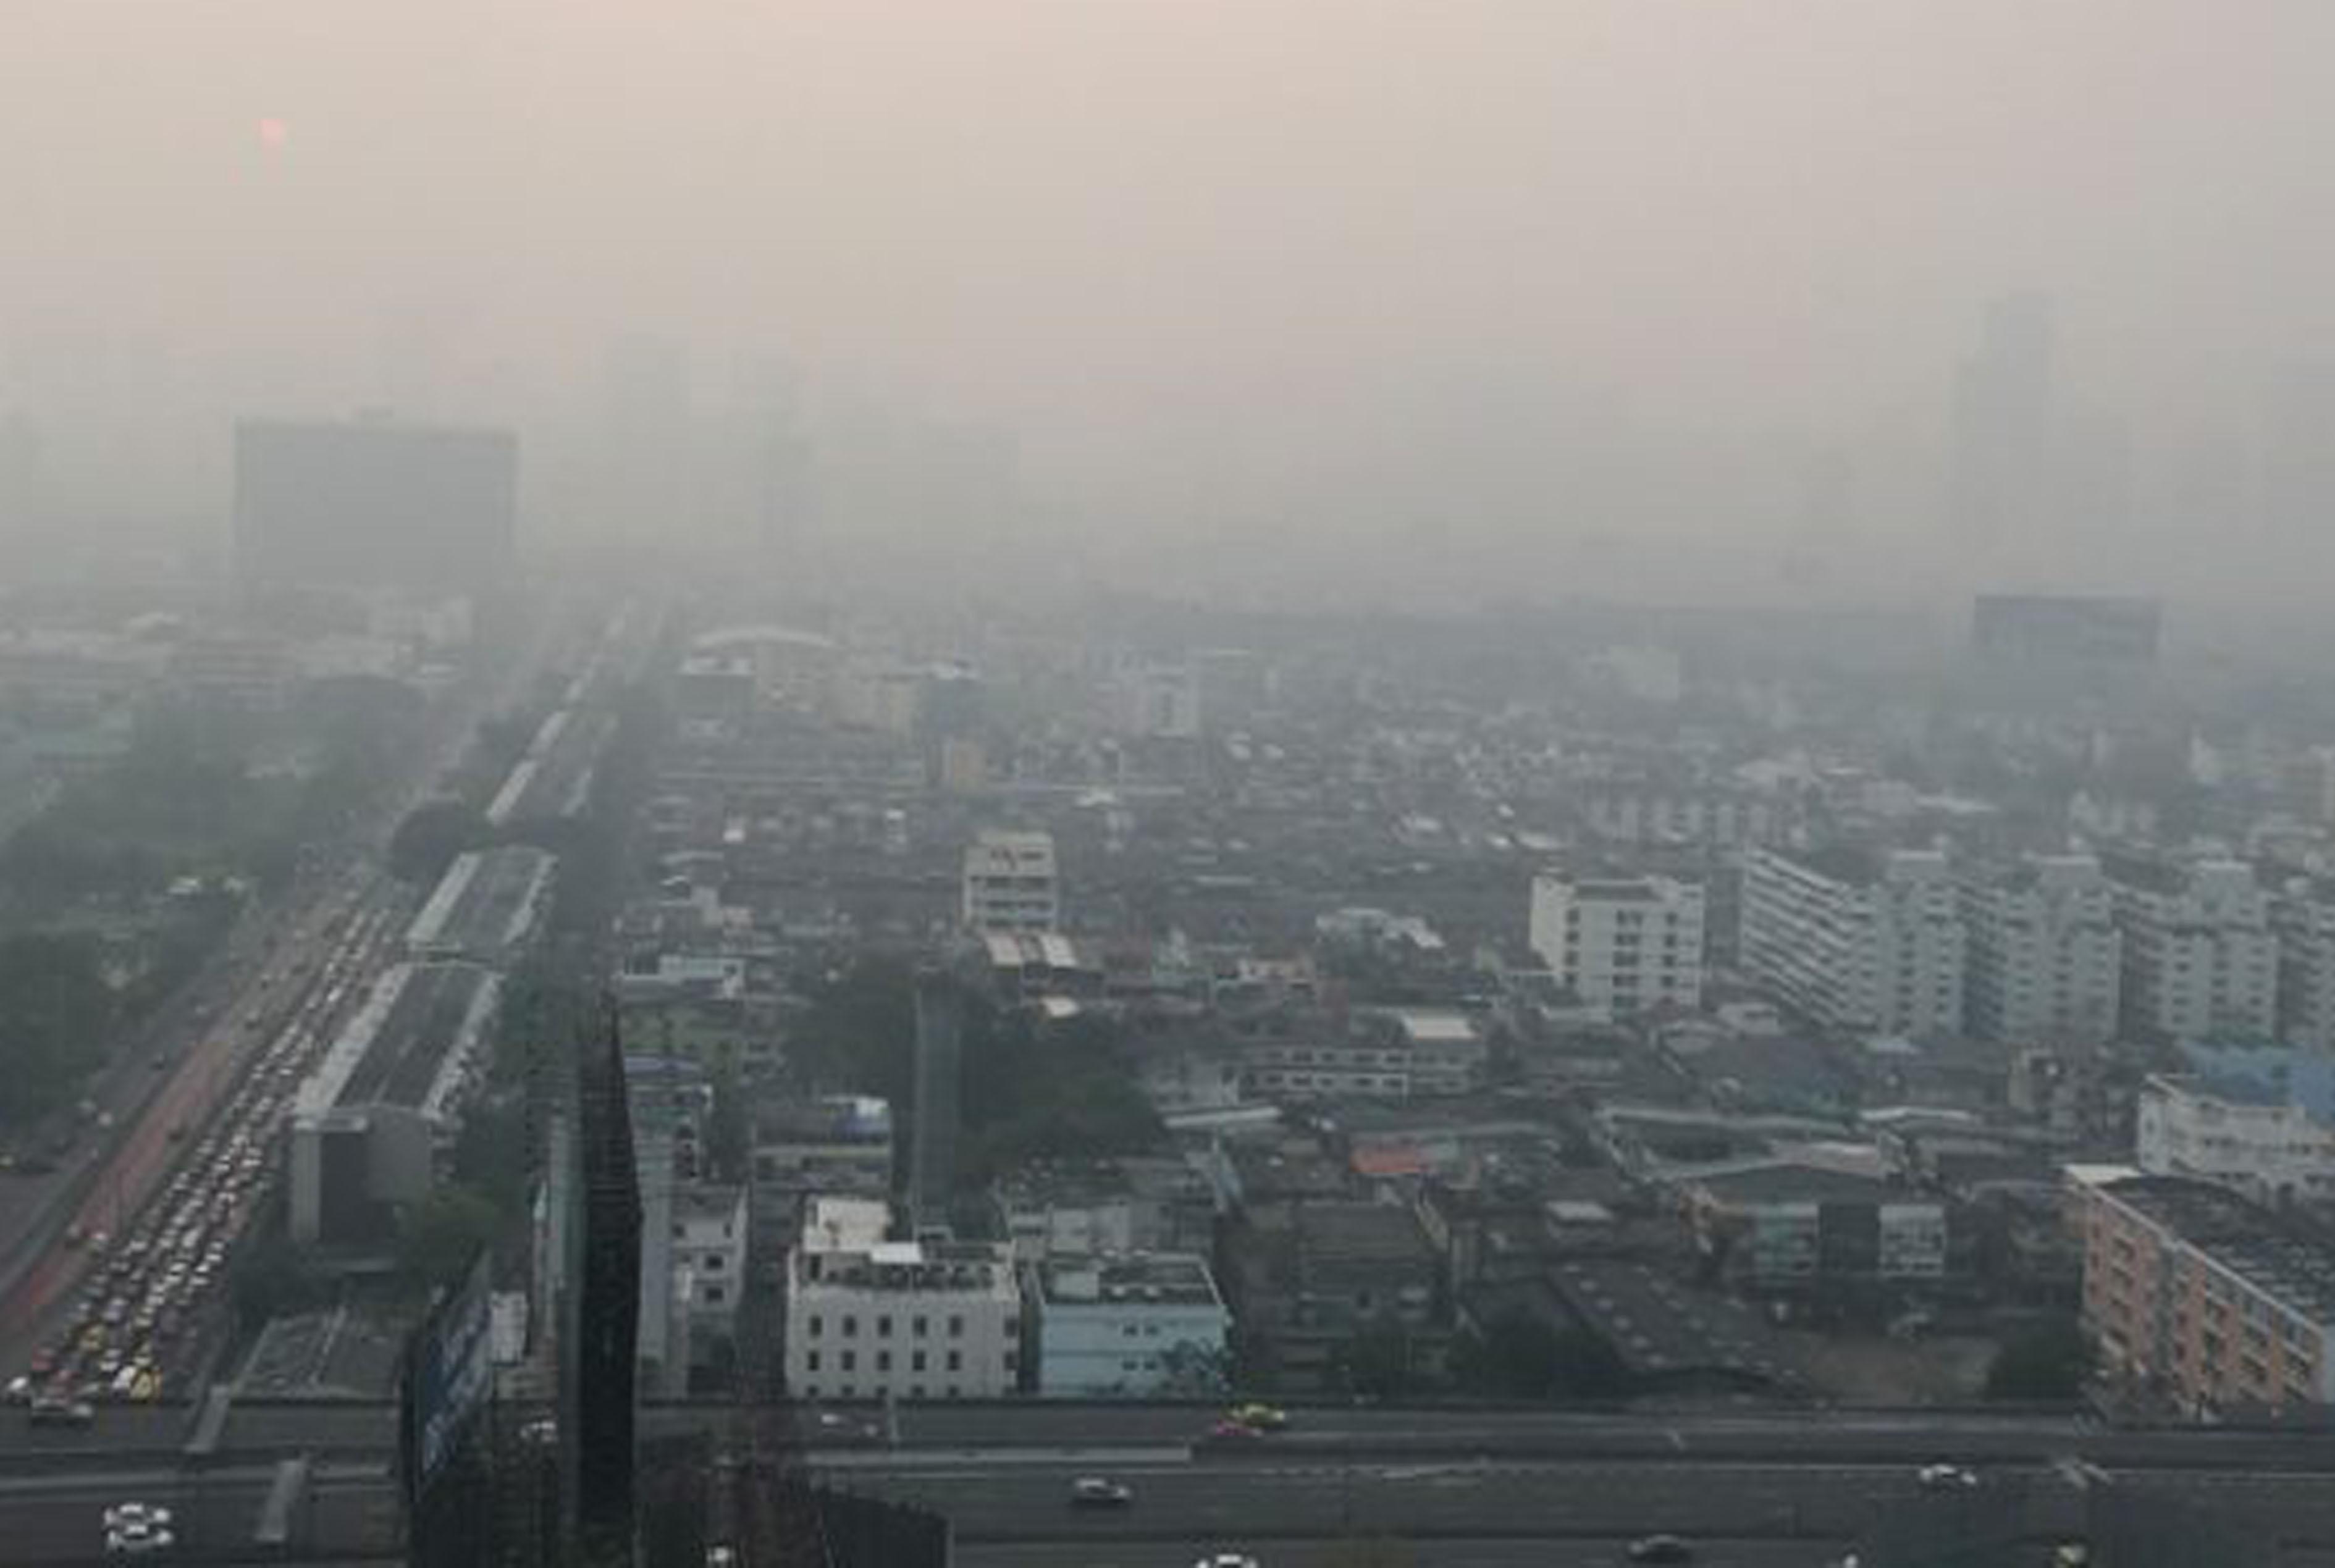 大気汚染が深刻化 - ワイズデジタル【タイで生活する人のための情報サイト】